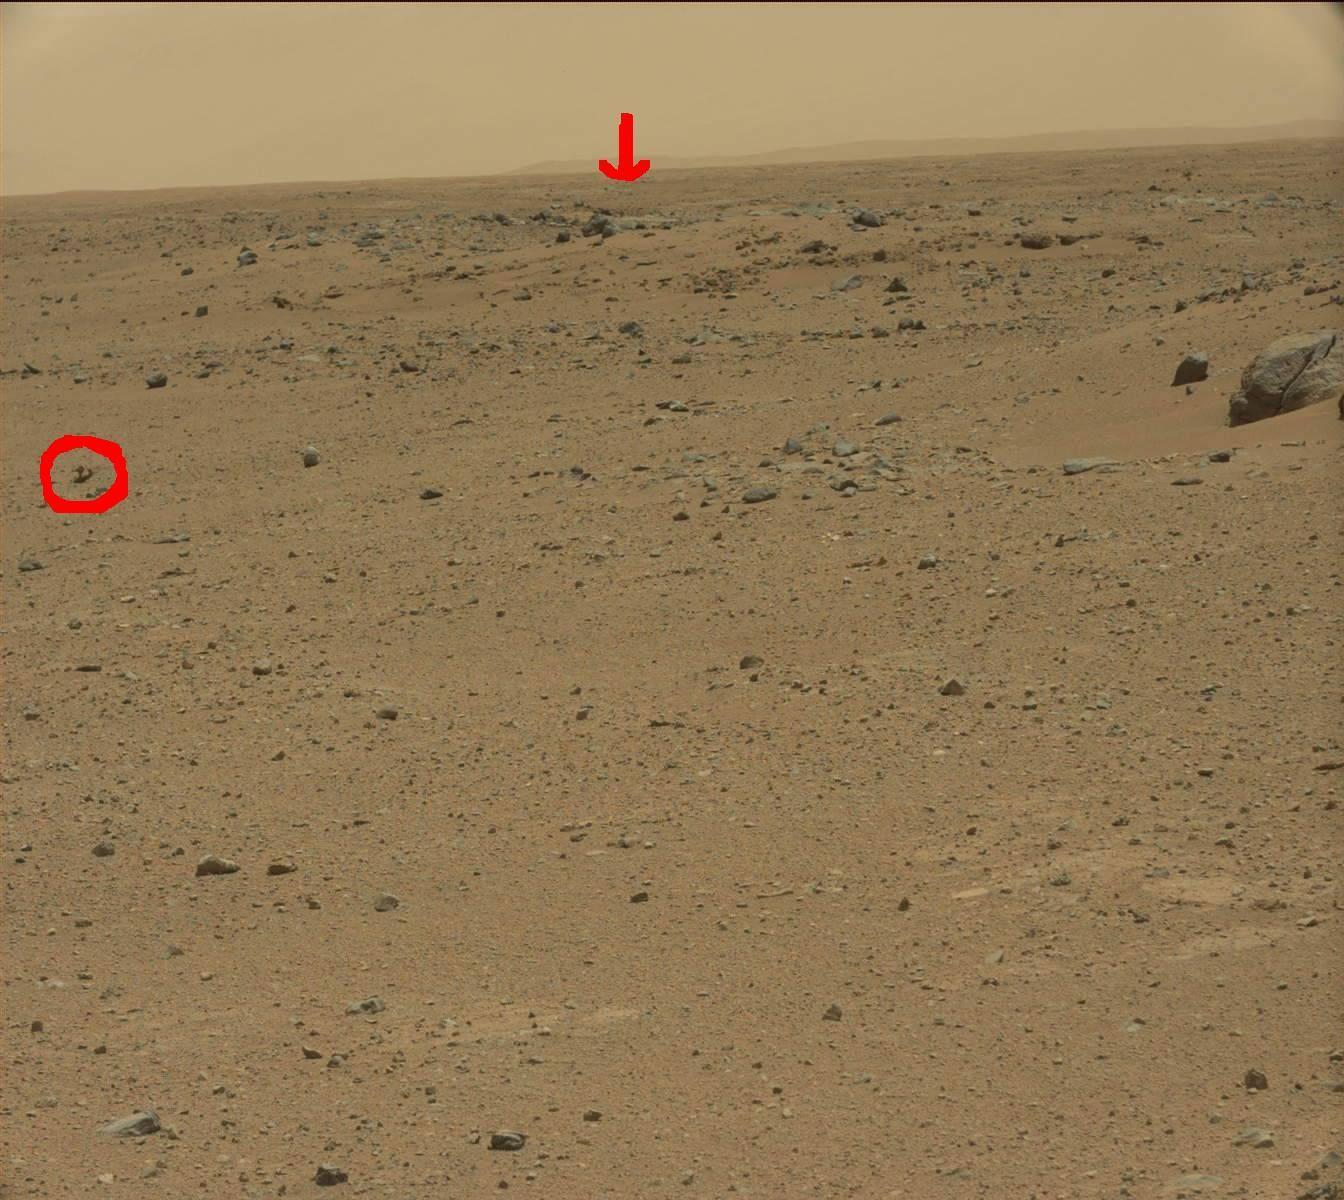 Possible Base des Martiens photographiée par Curiosity sur Mars le 12 août 2013